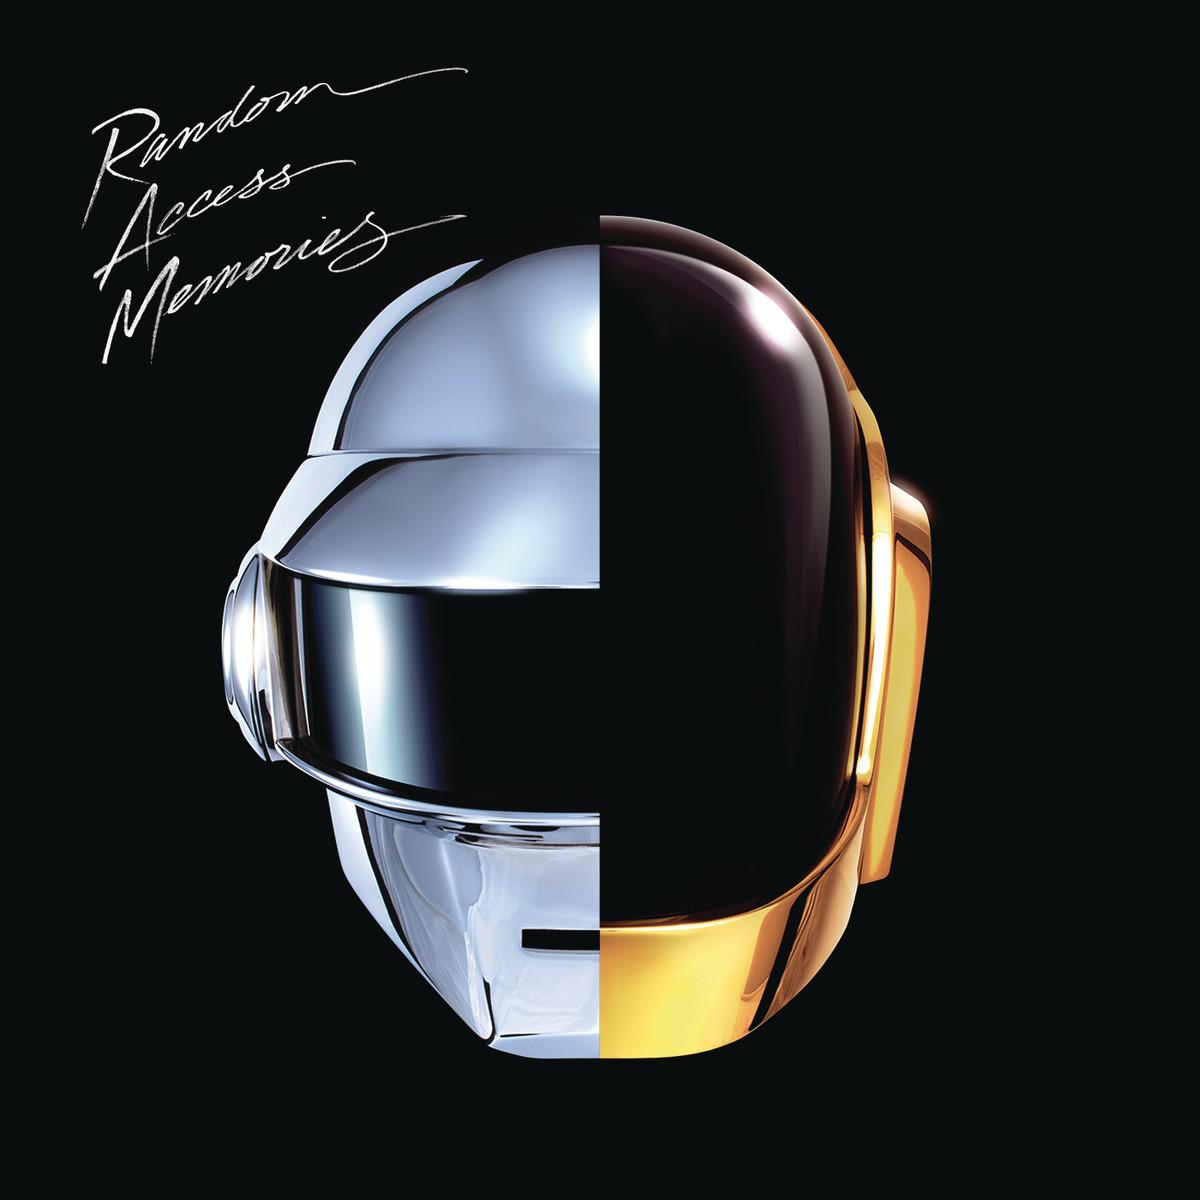 Daft Punk  Random Access Memories Vinyl LP Album